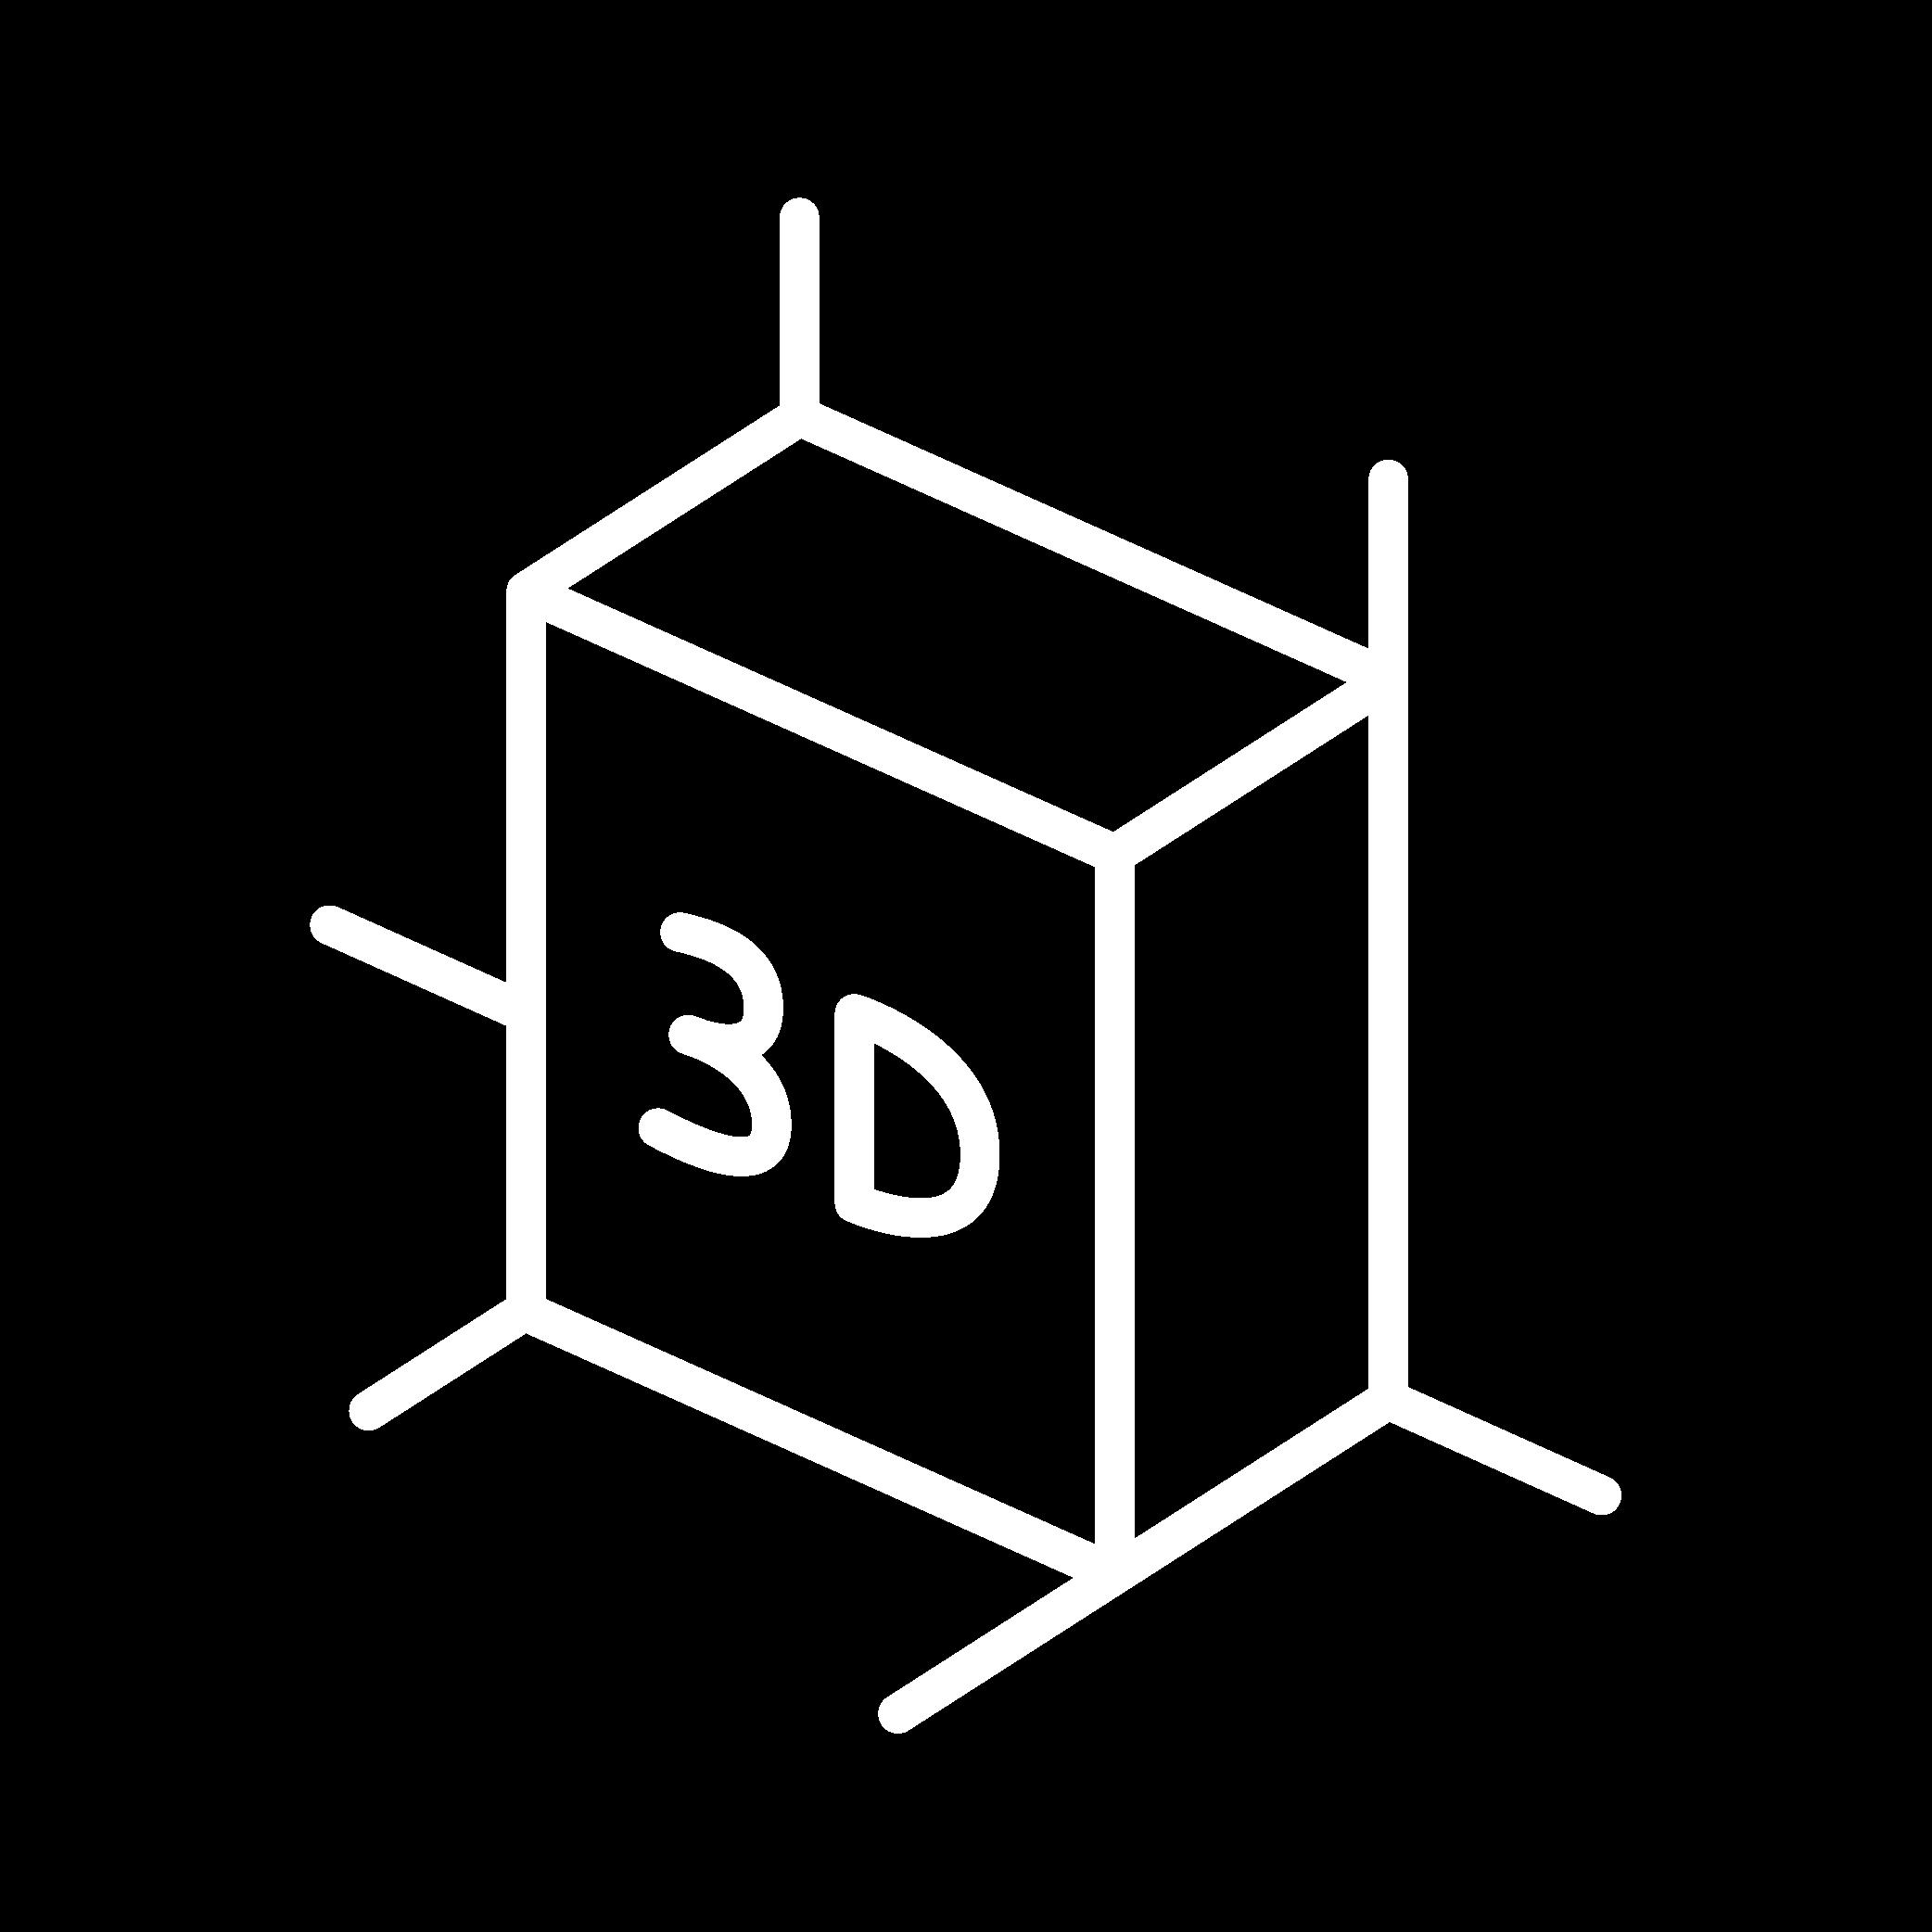 White-Line_3D-Rendering